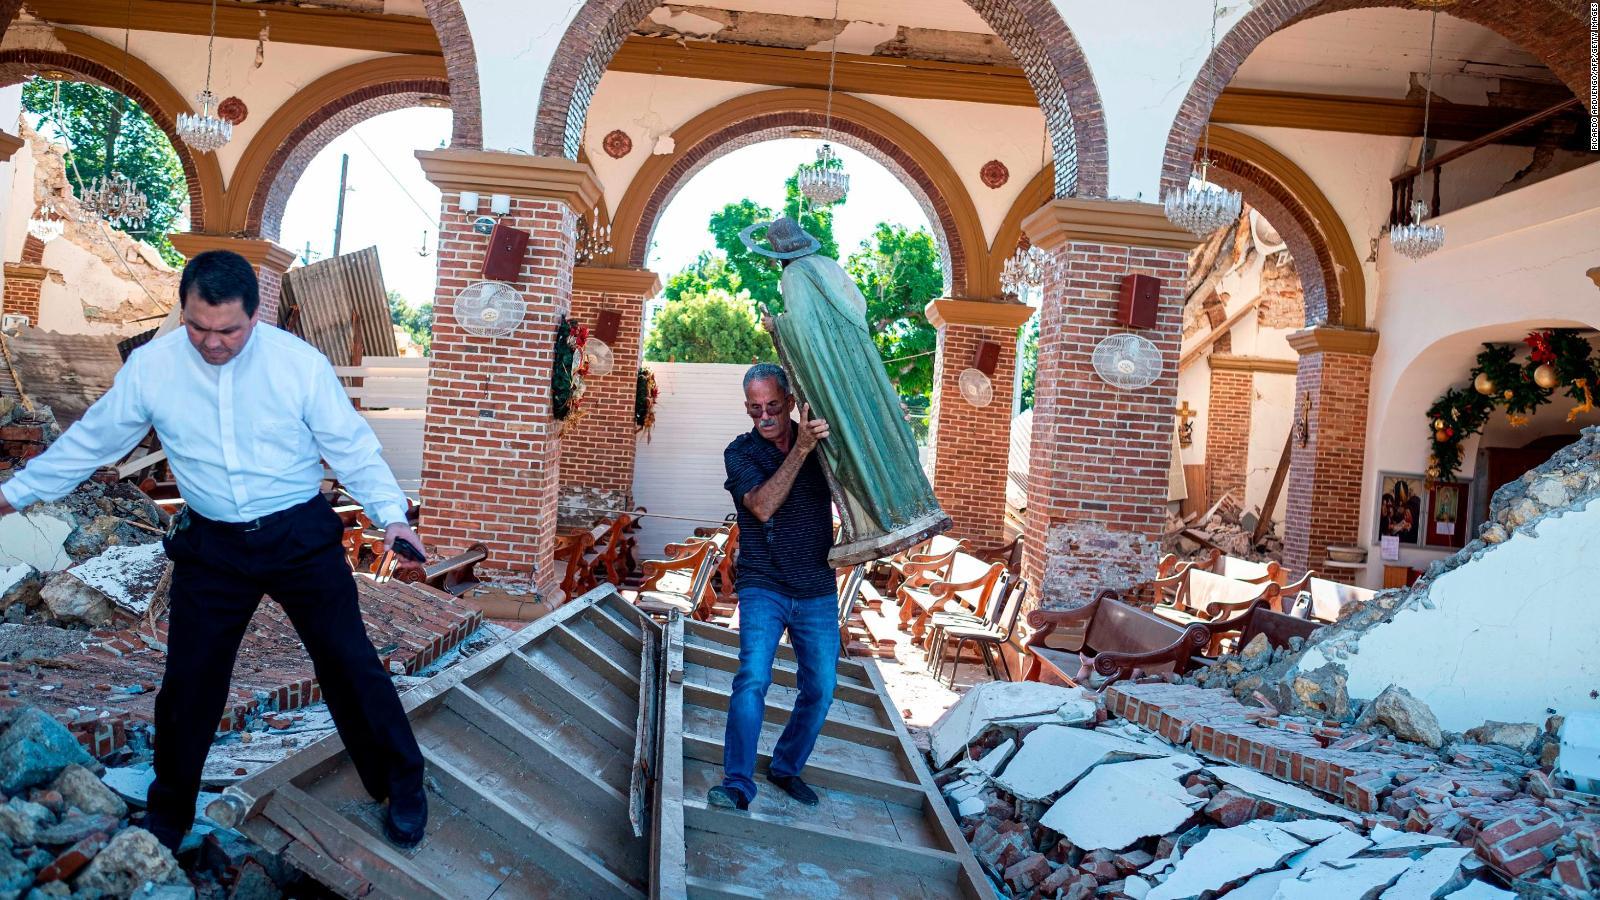 Puerto Rico, en estado de emergencia por temblores